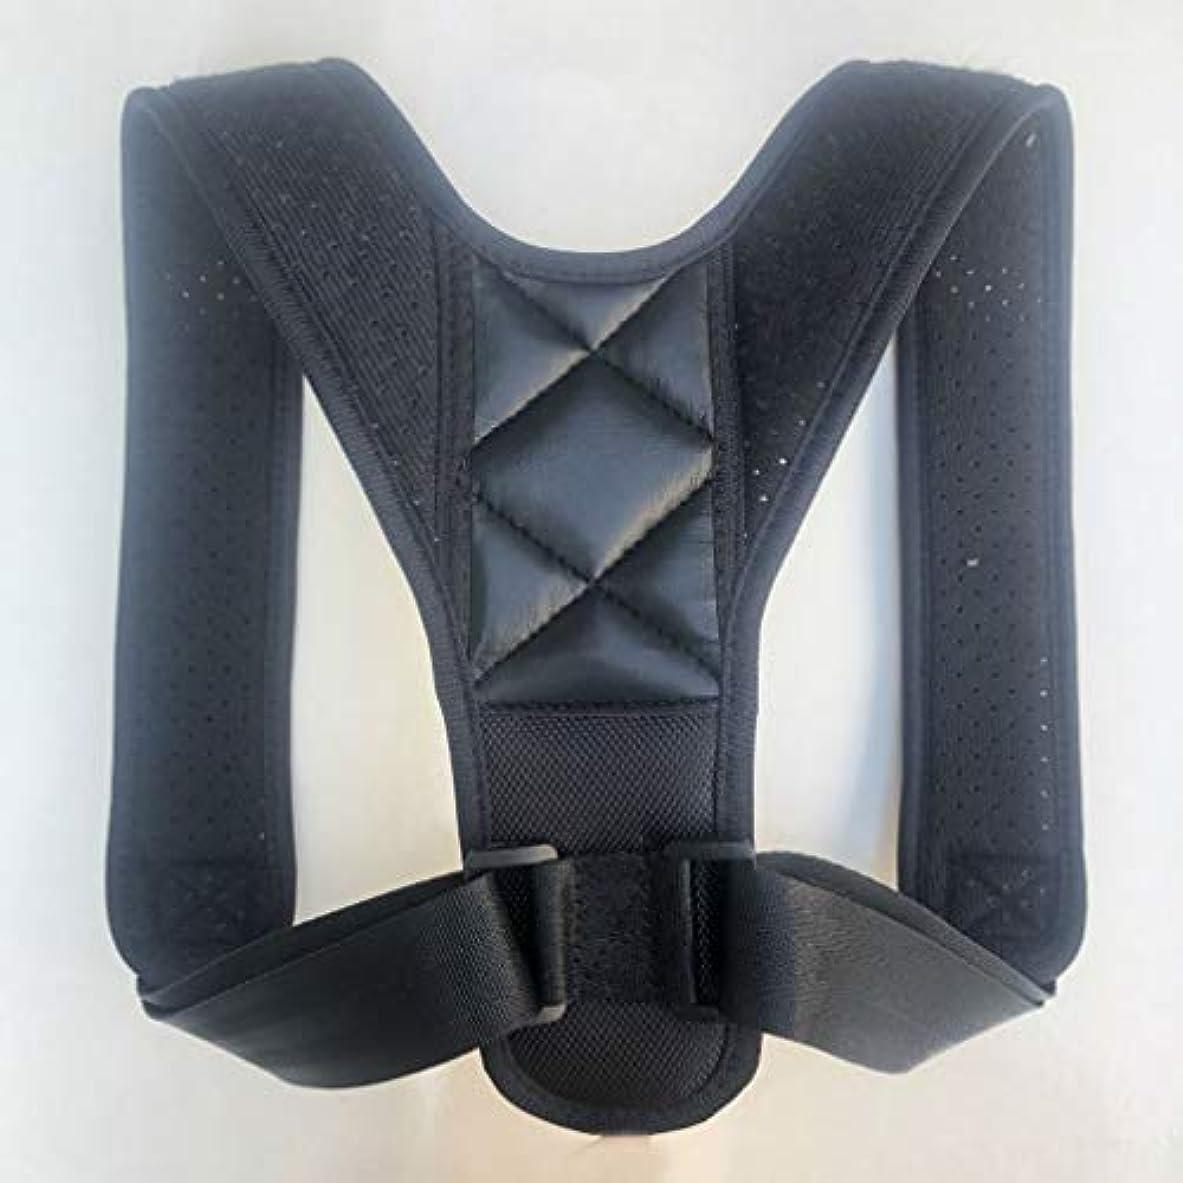 繰り返した正確な囲まれたUpper Back Posture Corrector Posture Clavicle Support Corrector Back Straight Shoulders Brace Strap Corrector